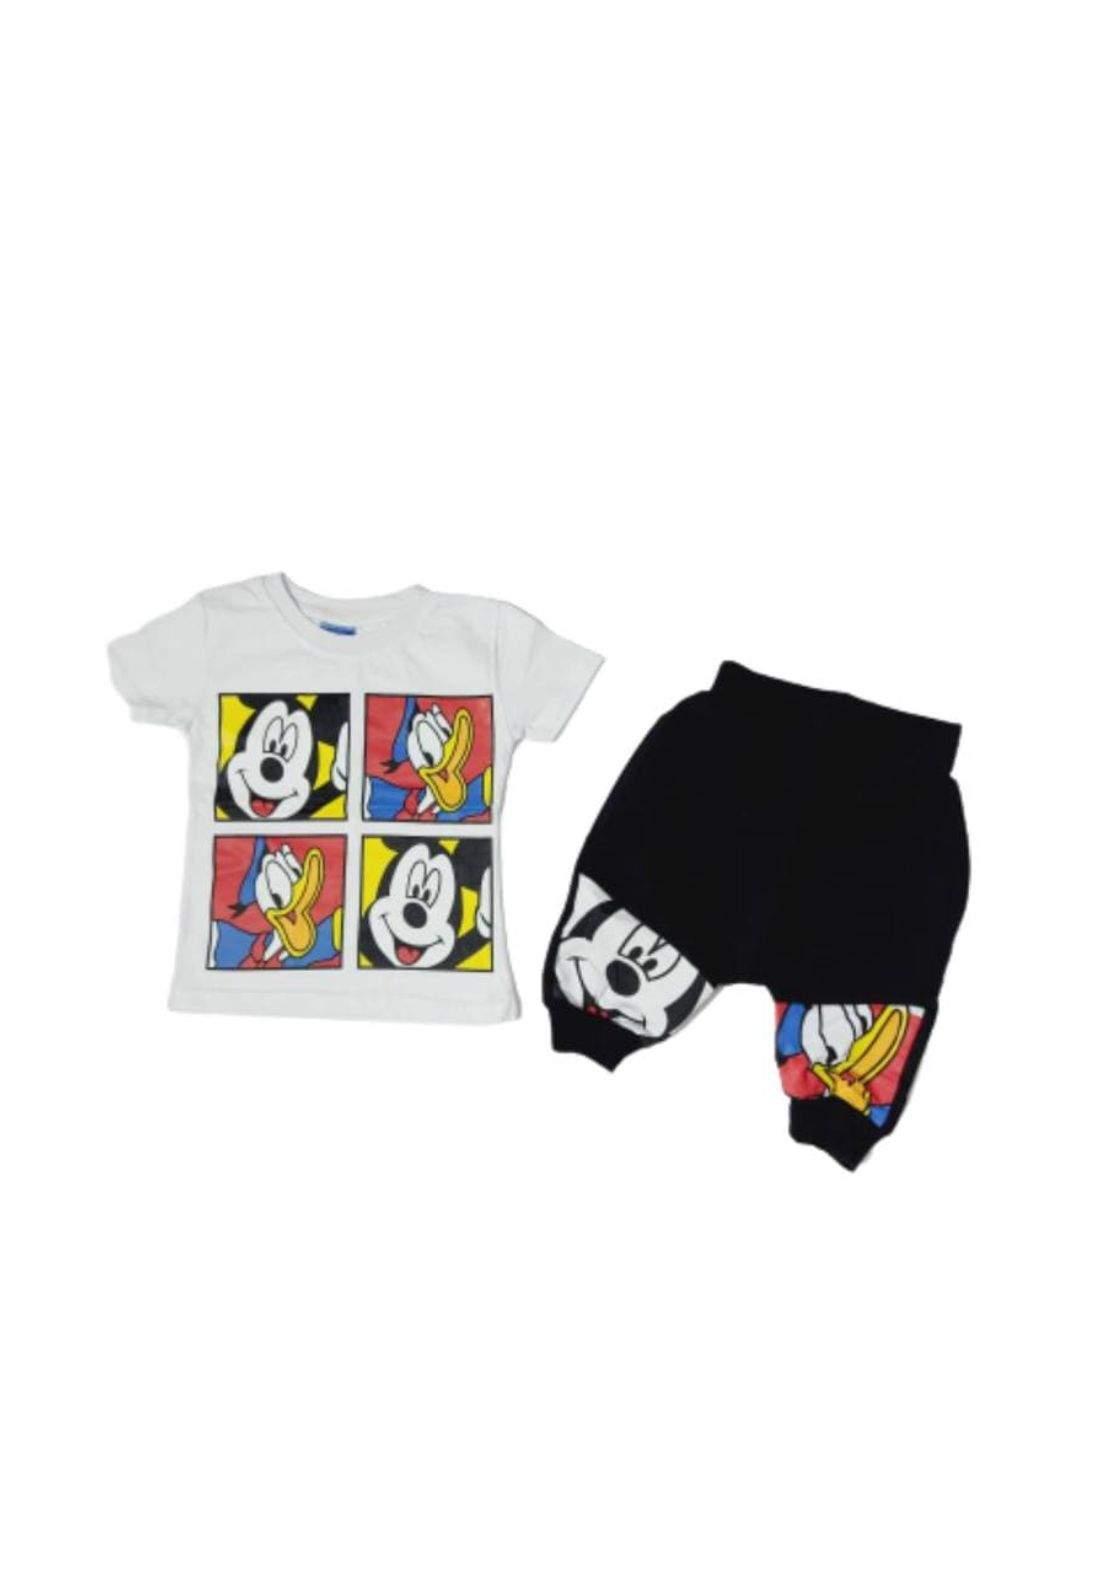 Tracksuit for kids white (t-shirt+sort) تراكسوت اطفال ابيض  (شورت+تيشيرت)